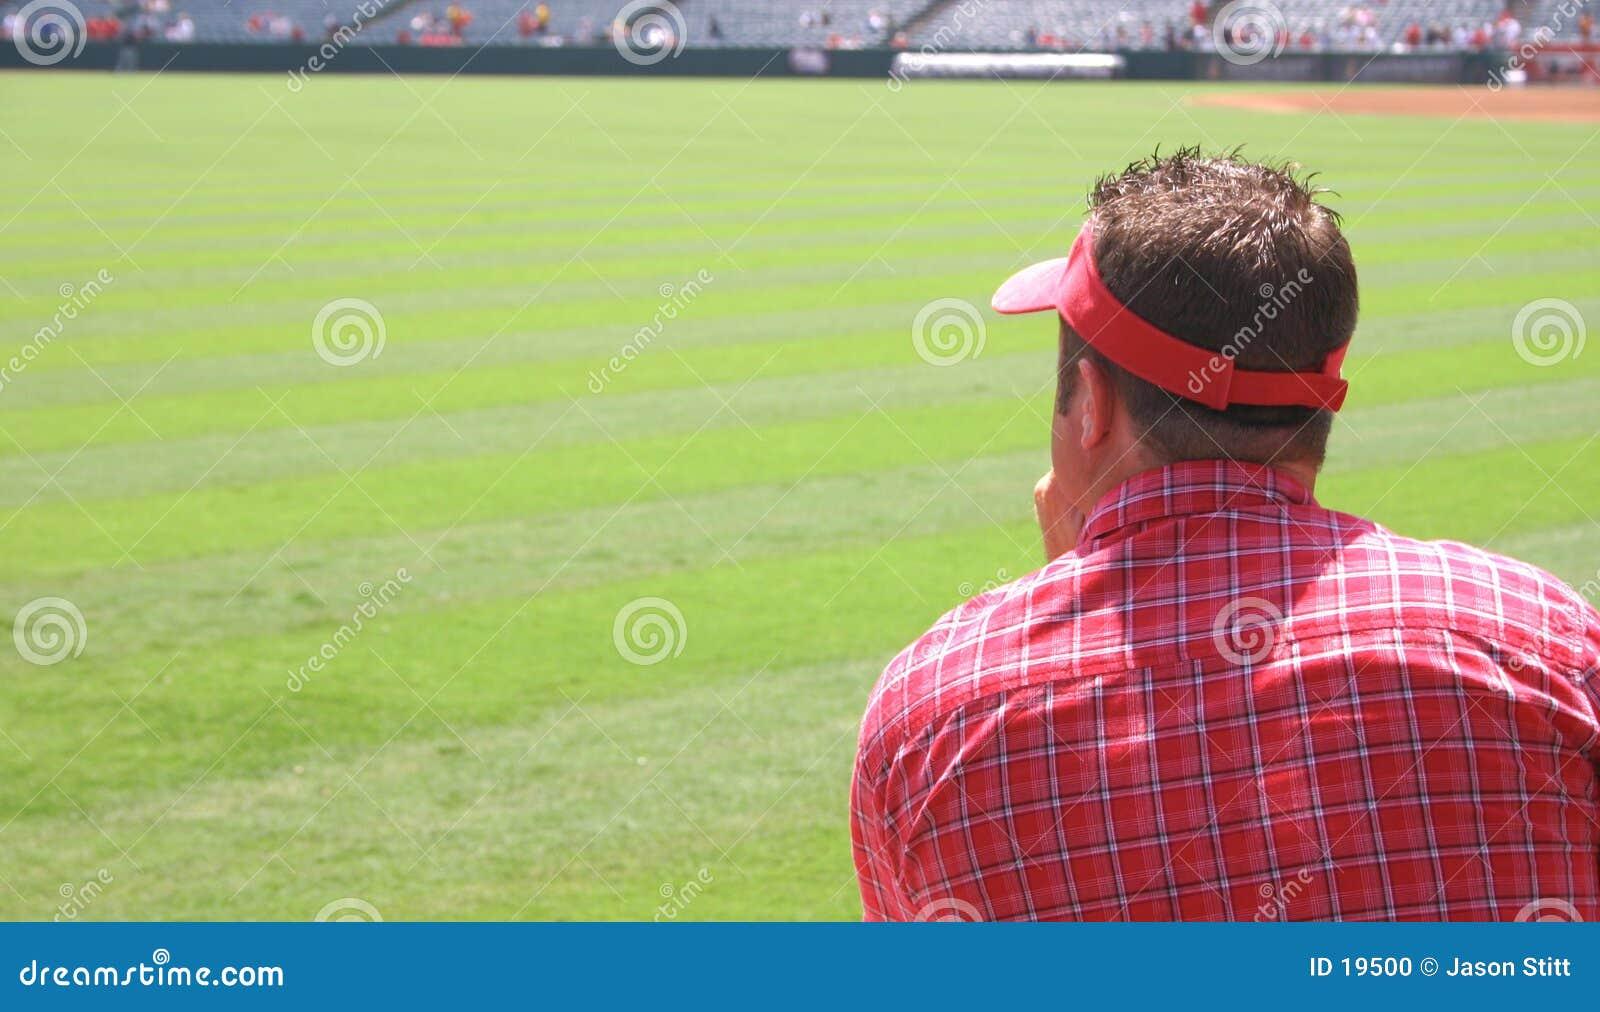 Człowiek ogląda mecz